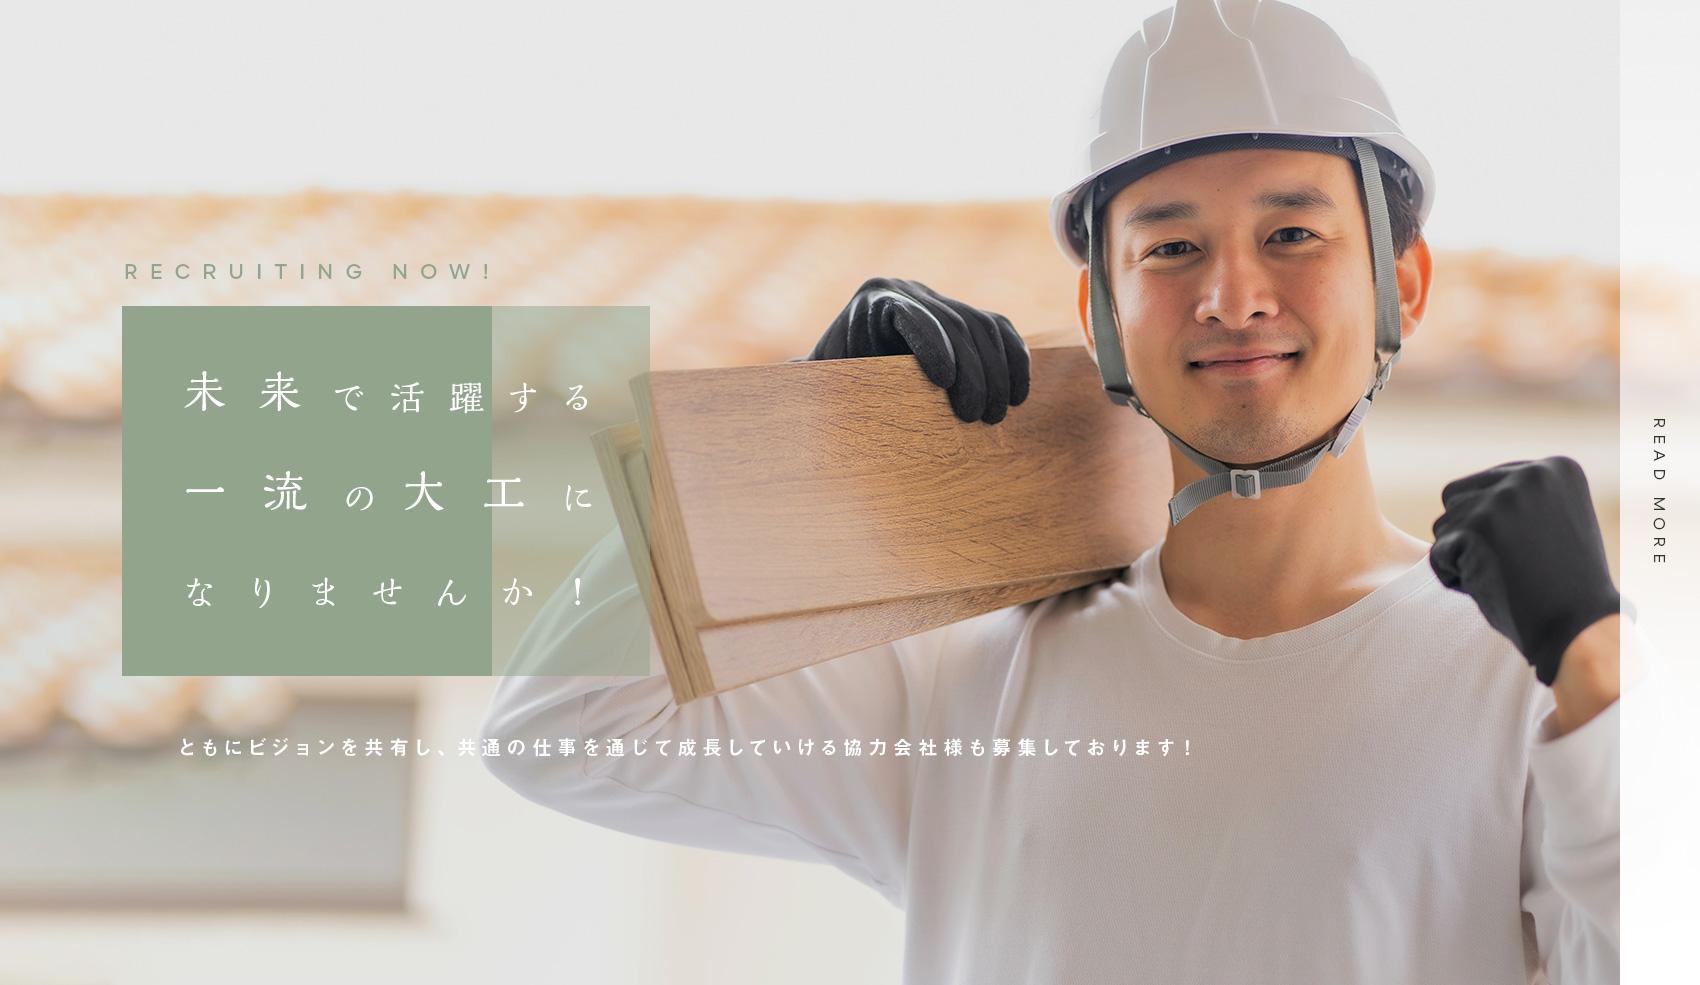 未来で活躍する一流の大工さんになりませんか!